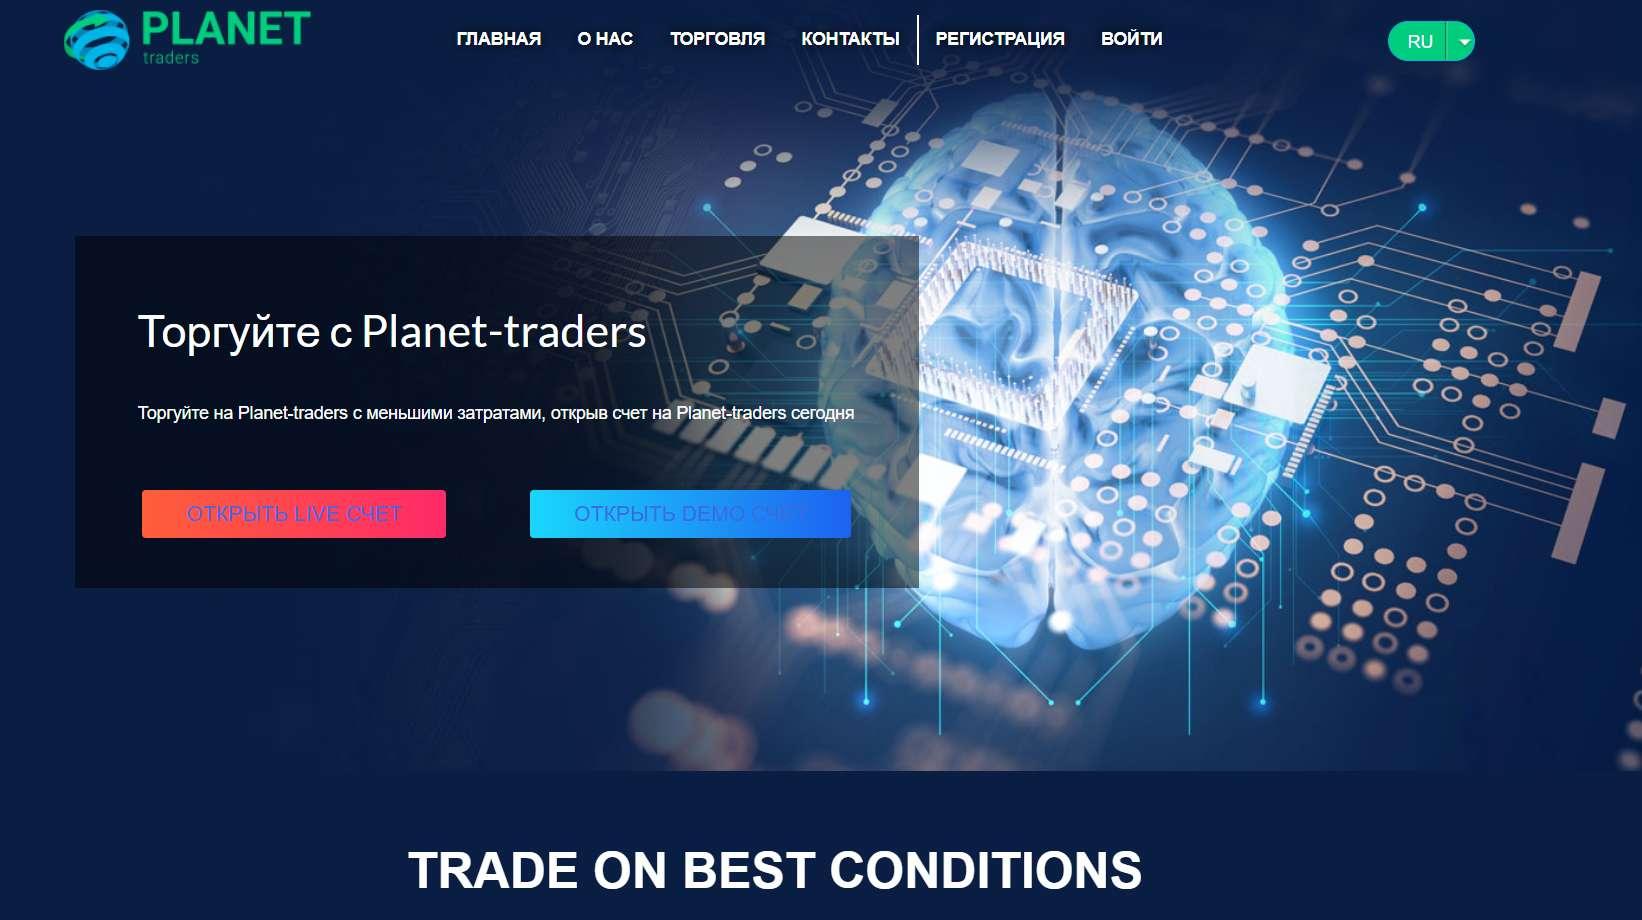 Planet-traders - обзор брокера. Очередной развод!